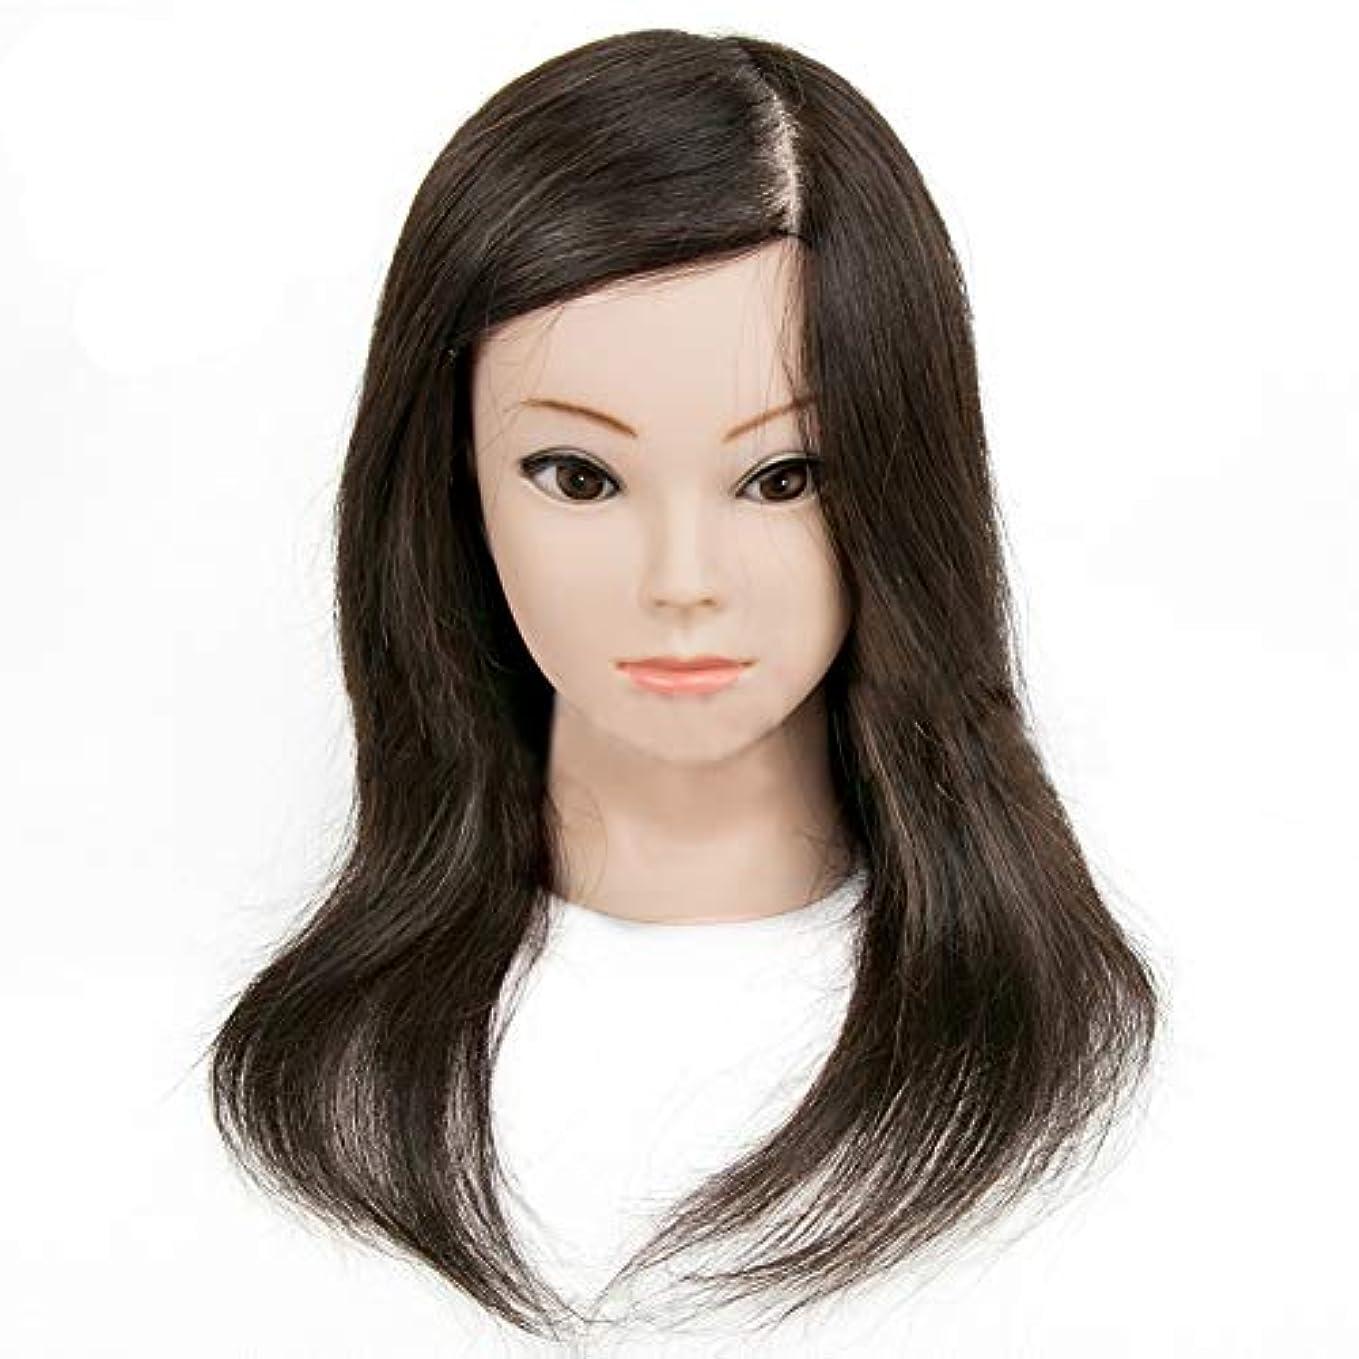 姿勢拒絶する達成可能編んだ髪のヘッドモデル本物の人間の髪のスタイルの学習モデルヘッドサロンの学習は熱いと染めた髪のダミーの頭にすることができます